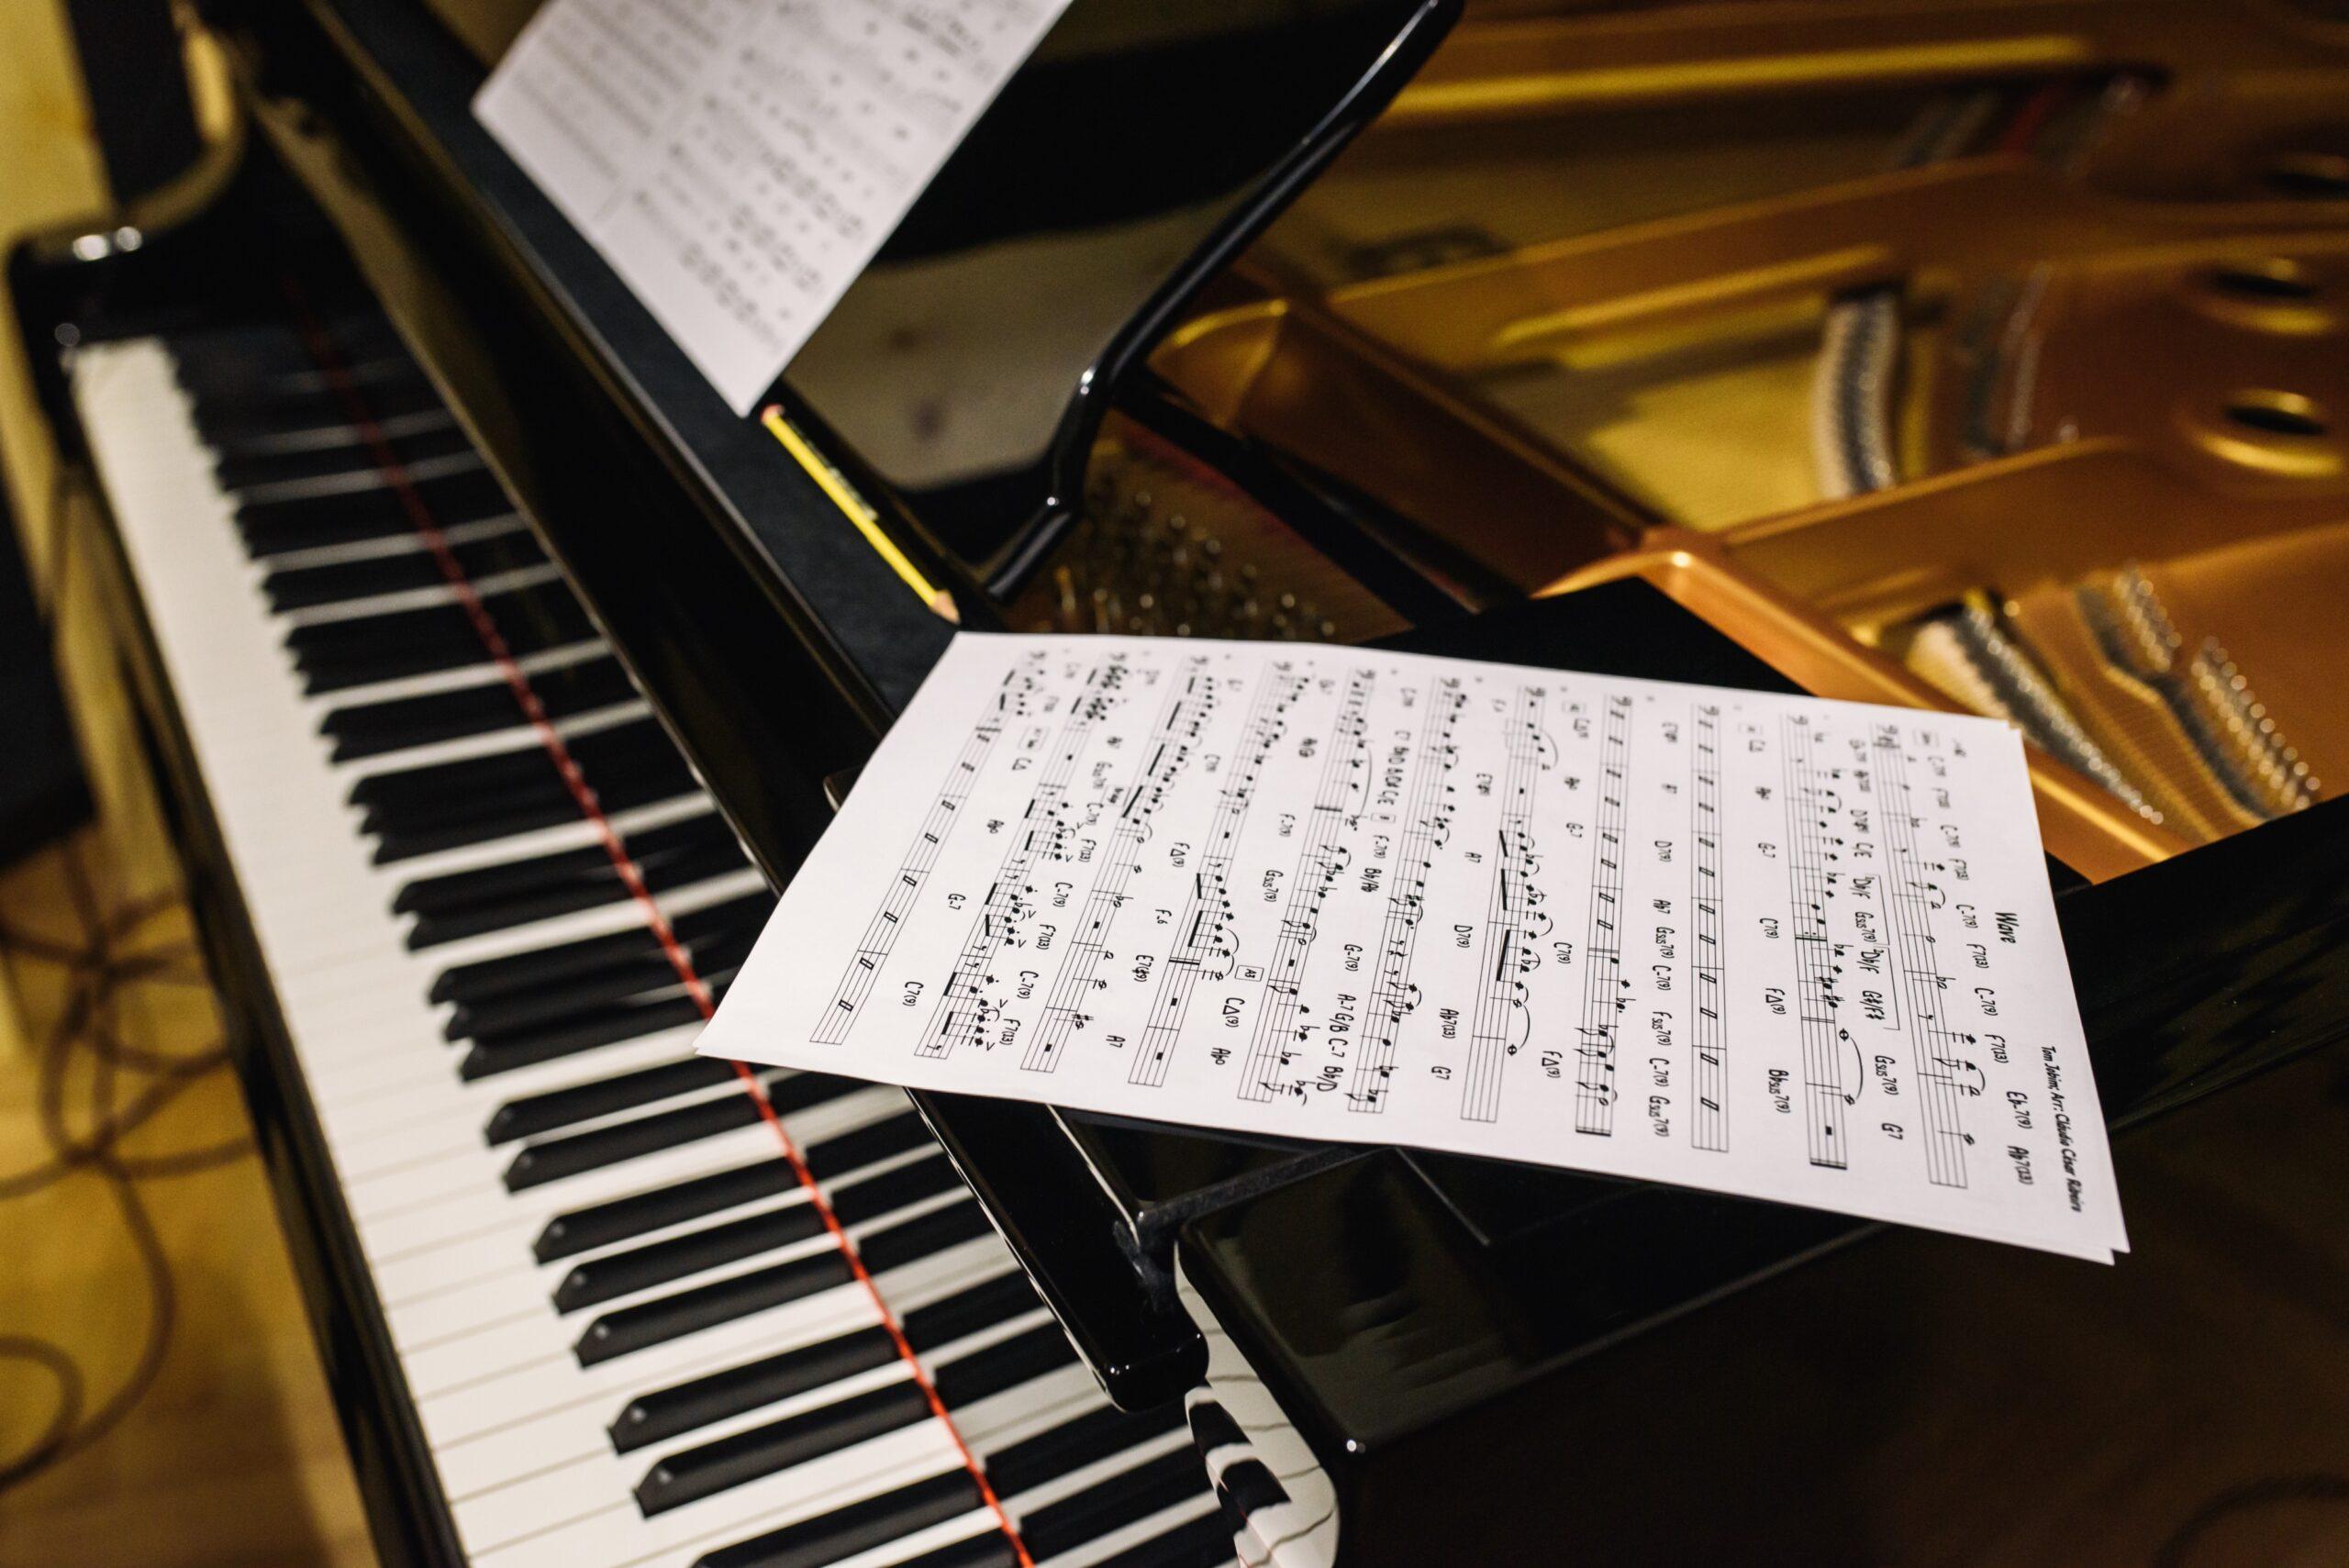 Müzik Prodüksiyonu İle İlgilenenlerin Bilmesi Gereken 10 Madde